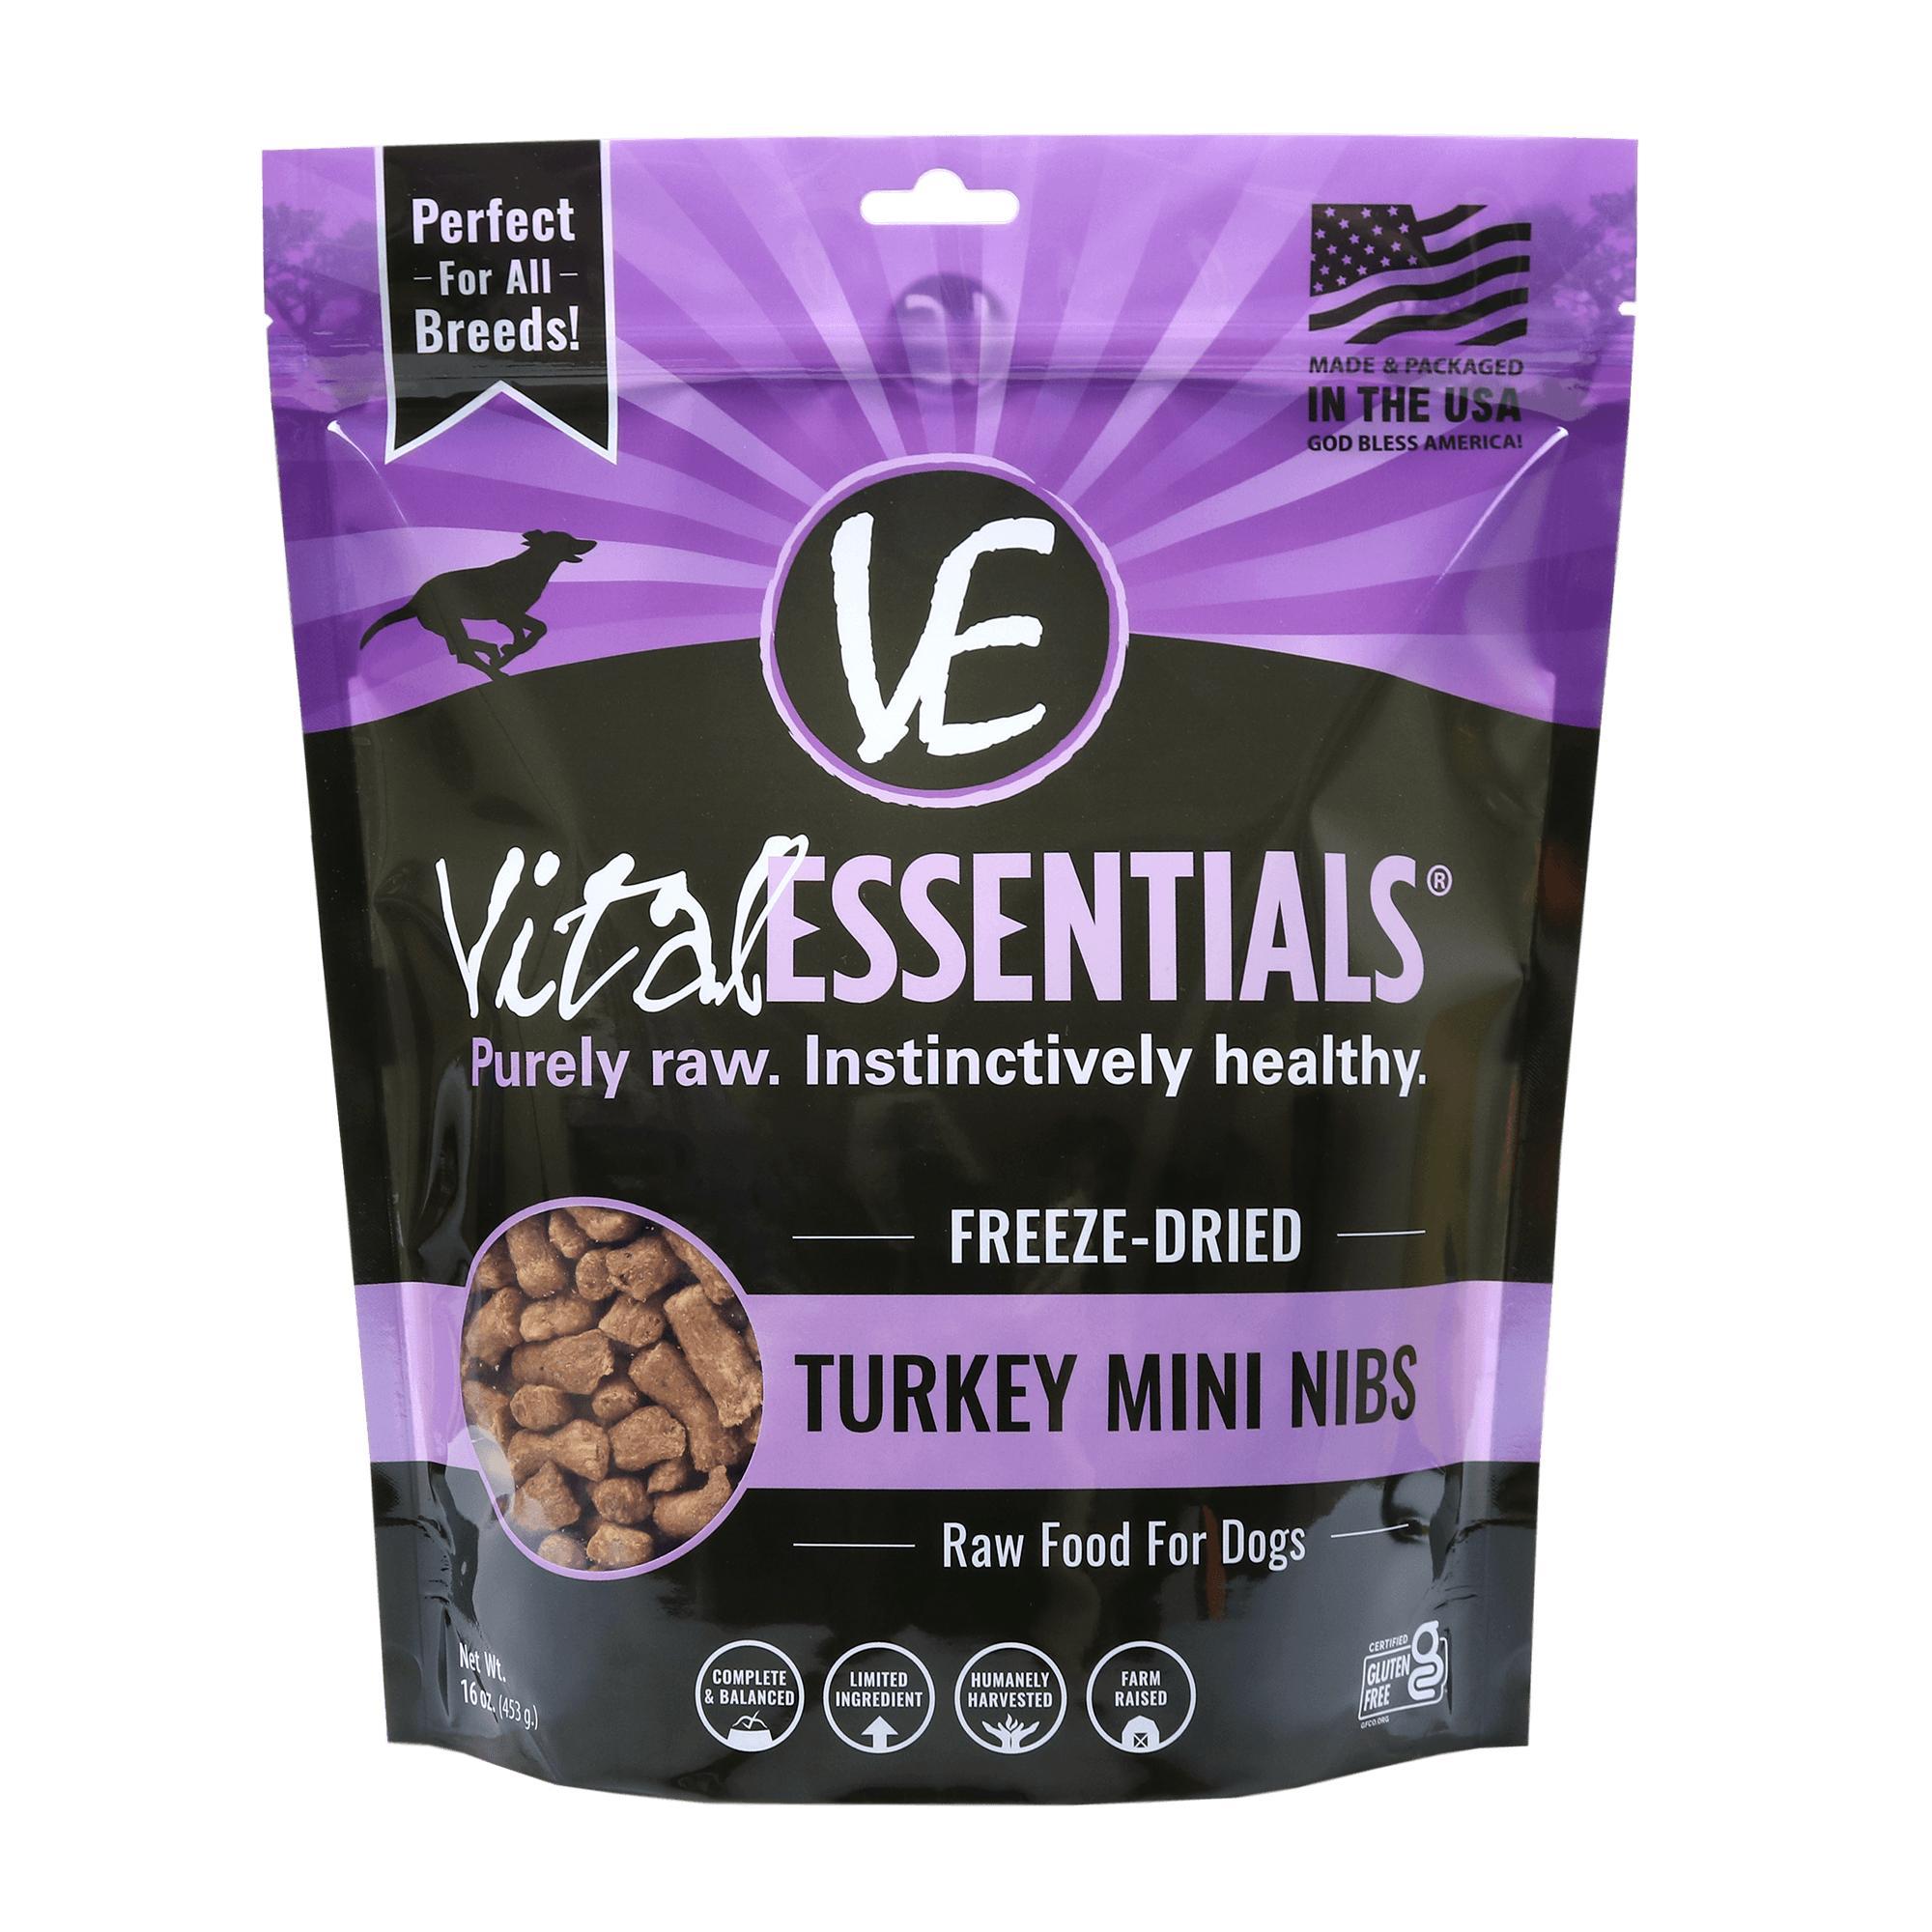 Vital Essentials Turkey Entree Mini Nibs Grain-Free Freeze-Dried Dog Food, 1-lb